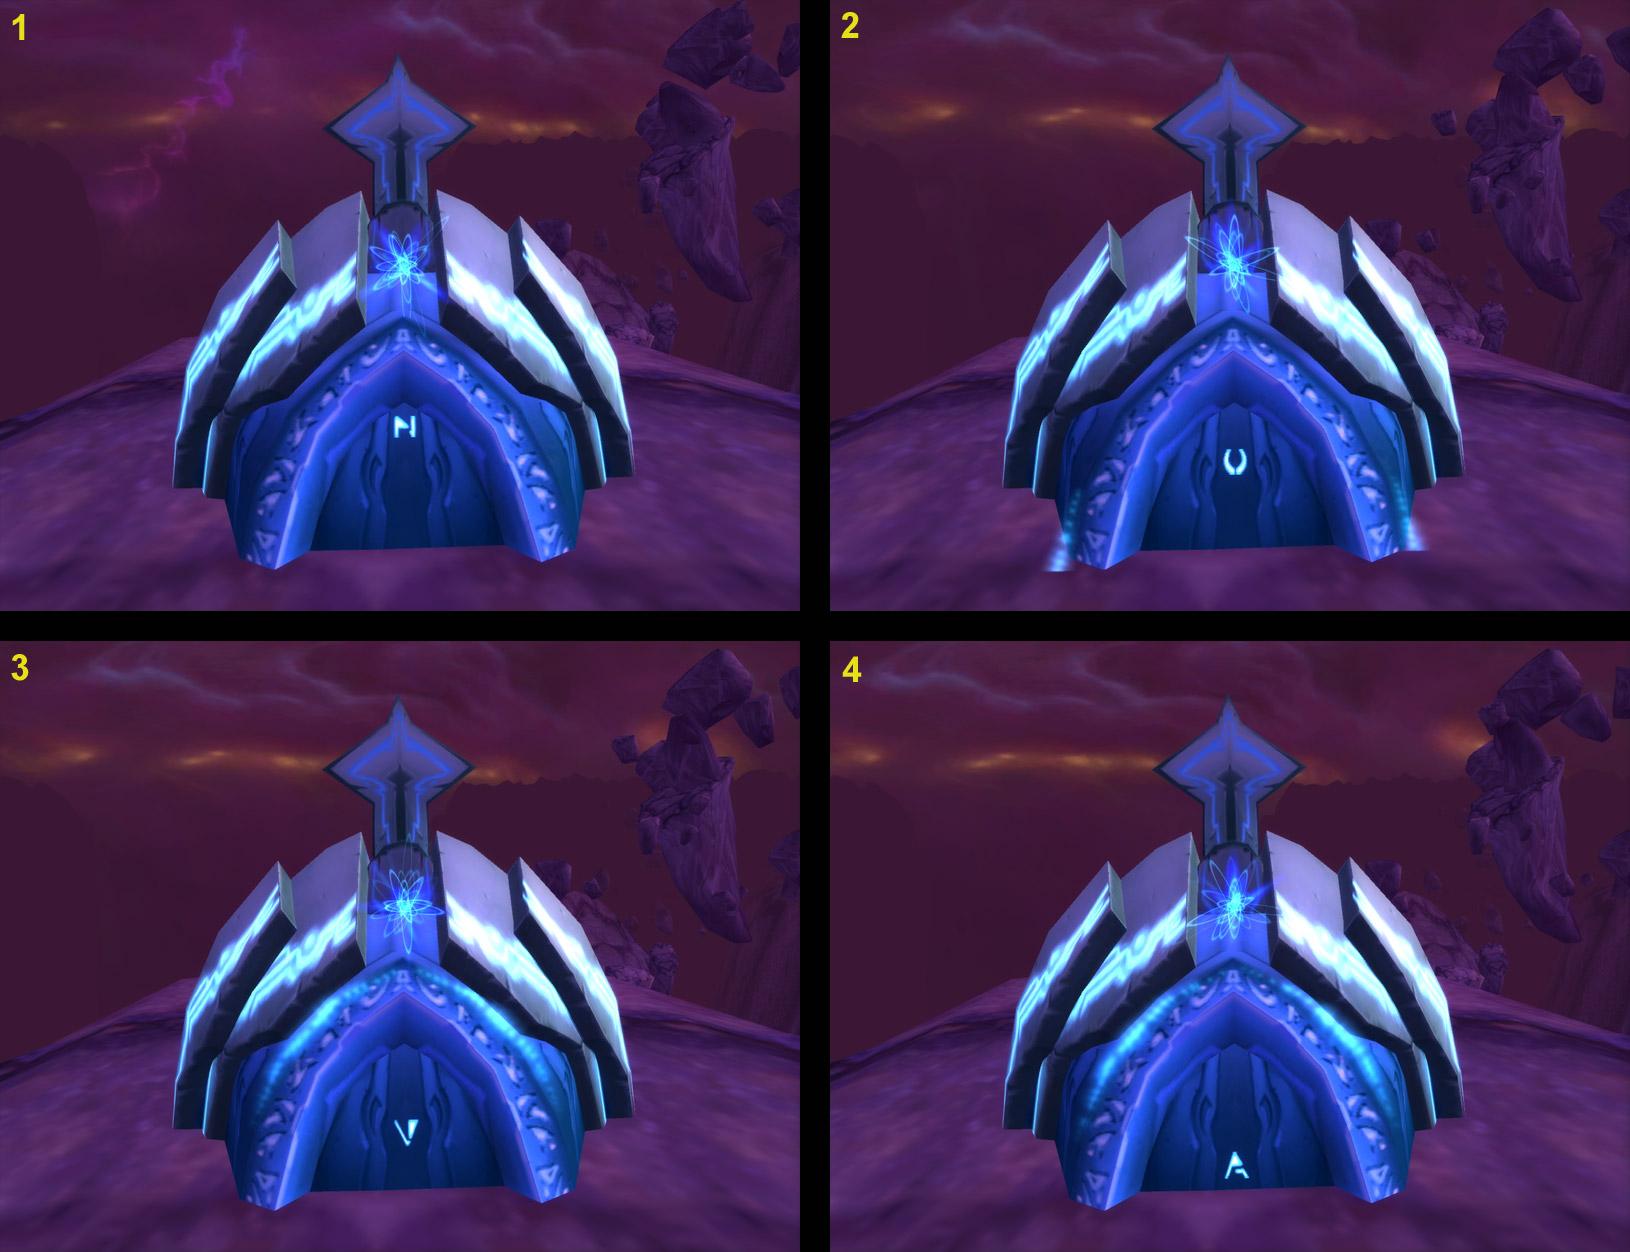 Référence à Nova dans la zone Raz-de-Néant de World of Warcraft.